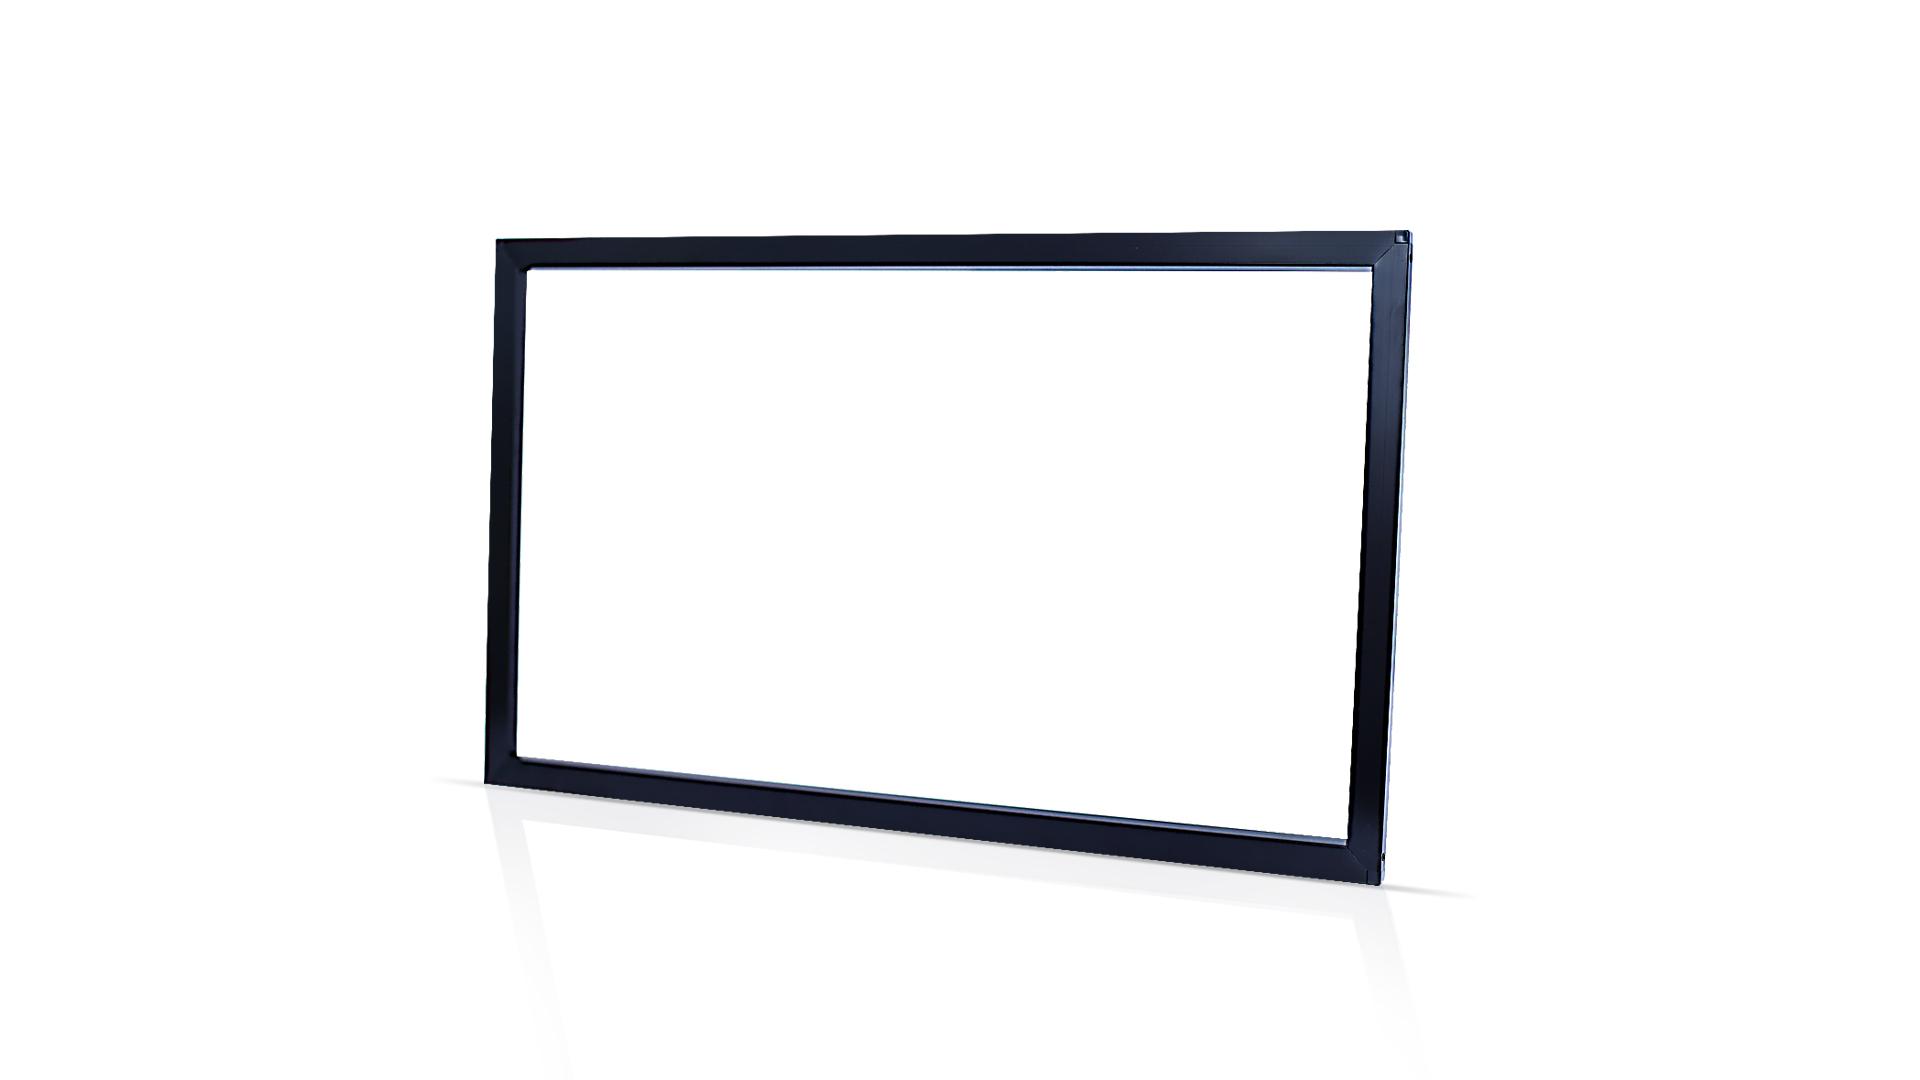 红外触摸框适用于各类显示设备的人机互动